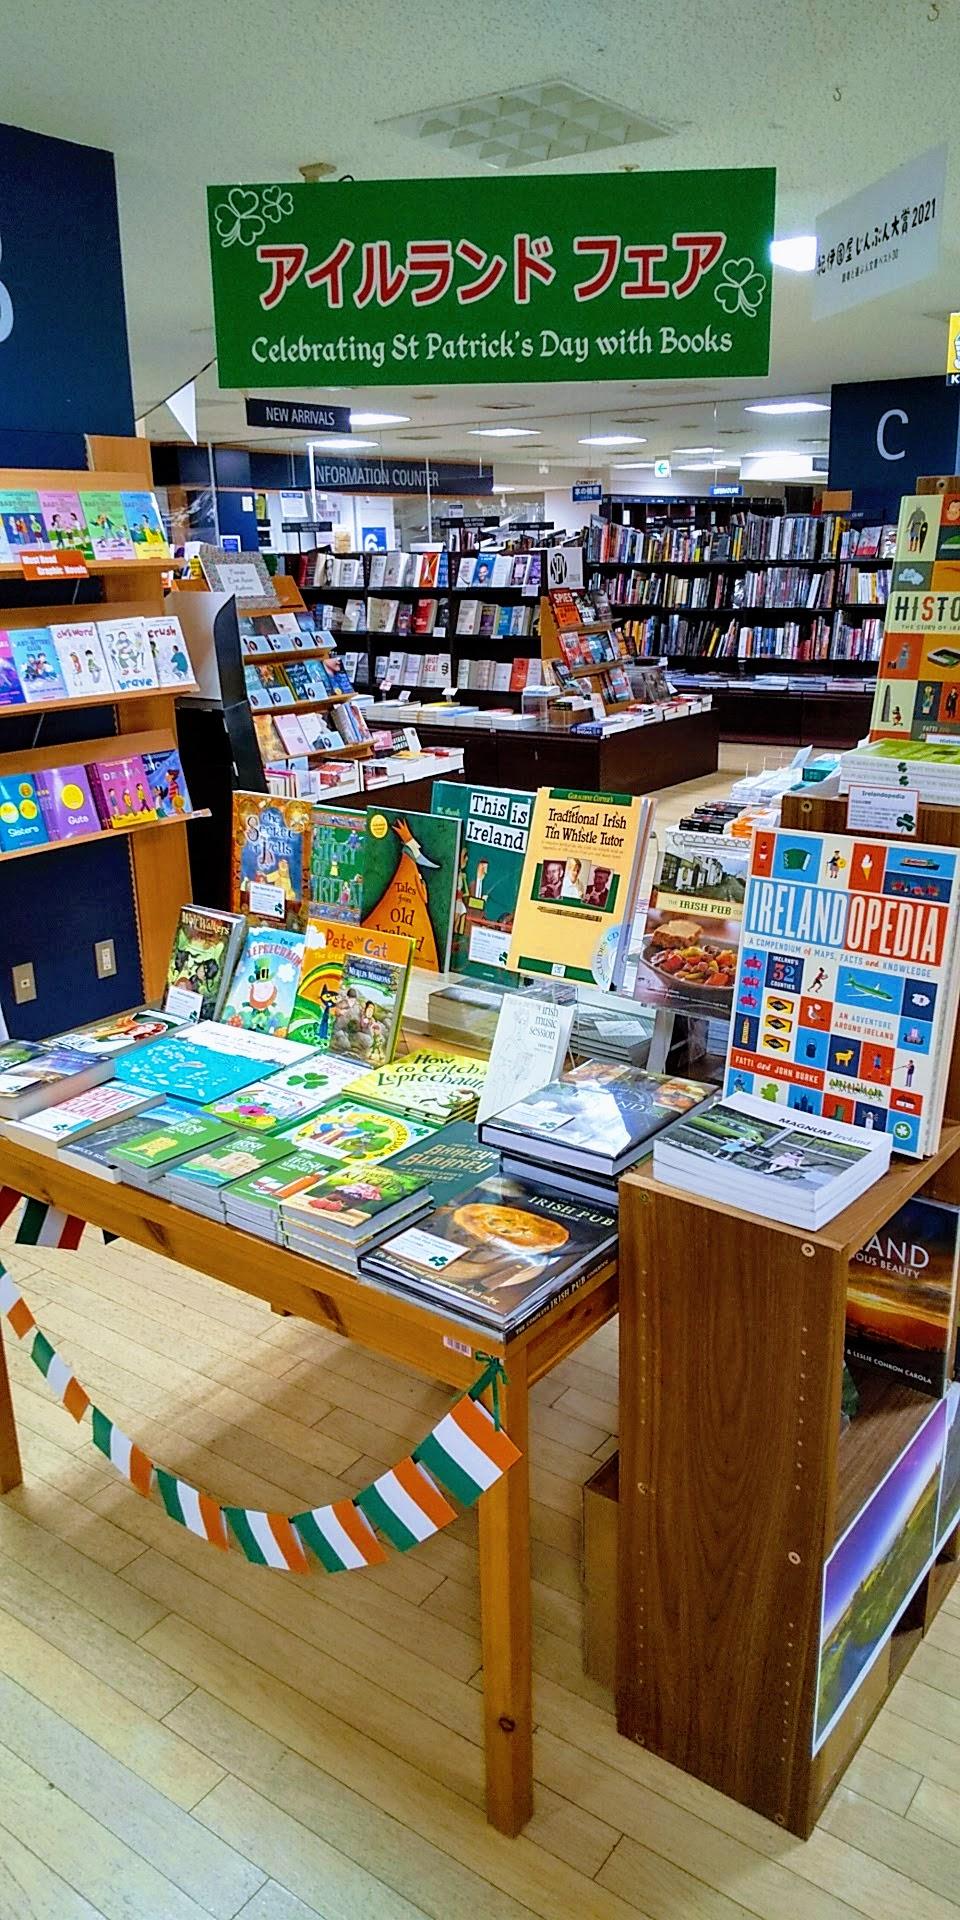 紀伊國屋書店:洋書専門店 @Kino_BKT アイルランドフェア開催中